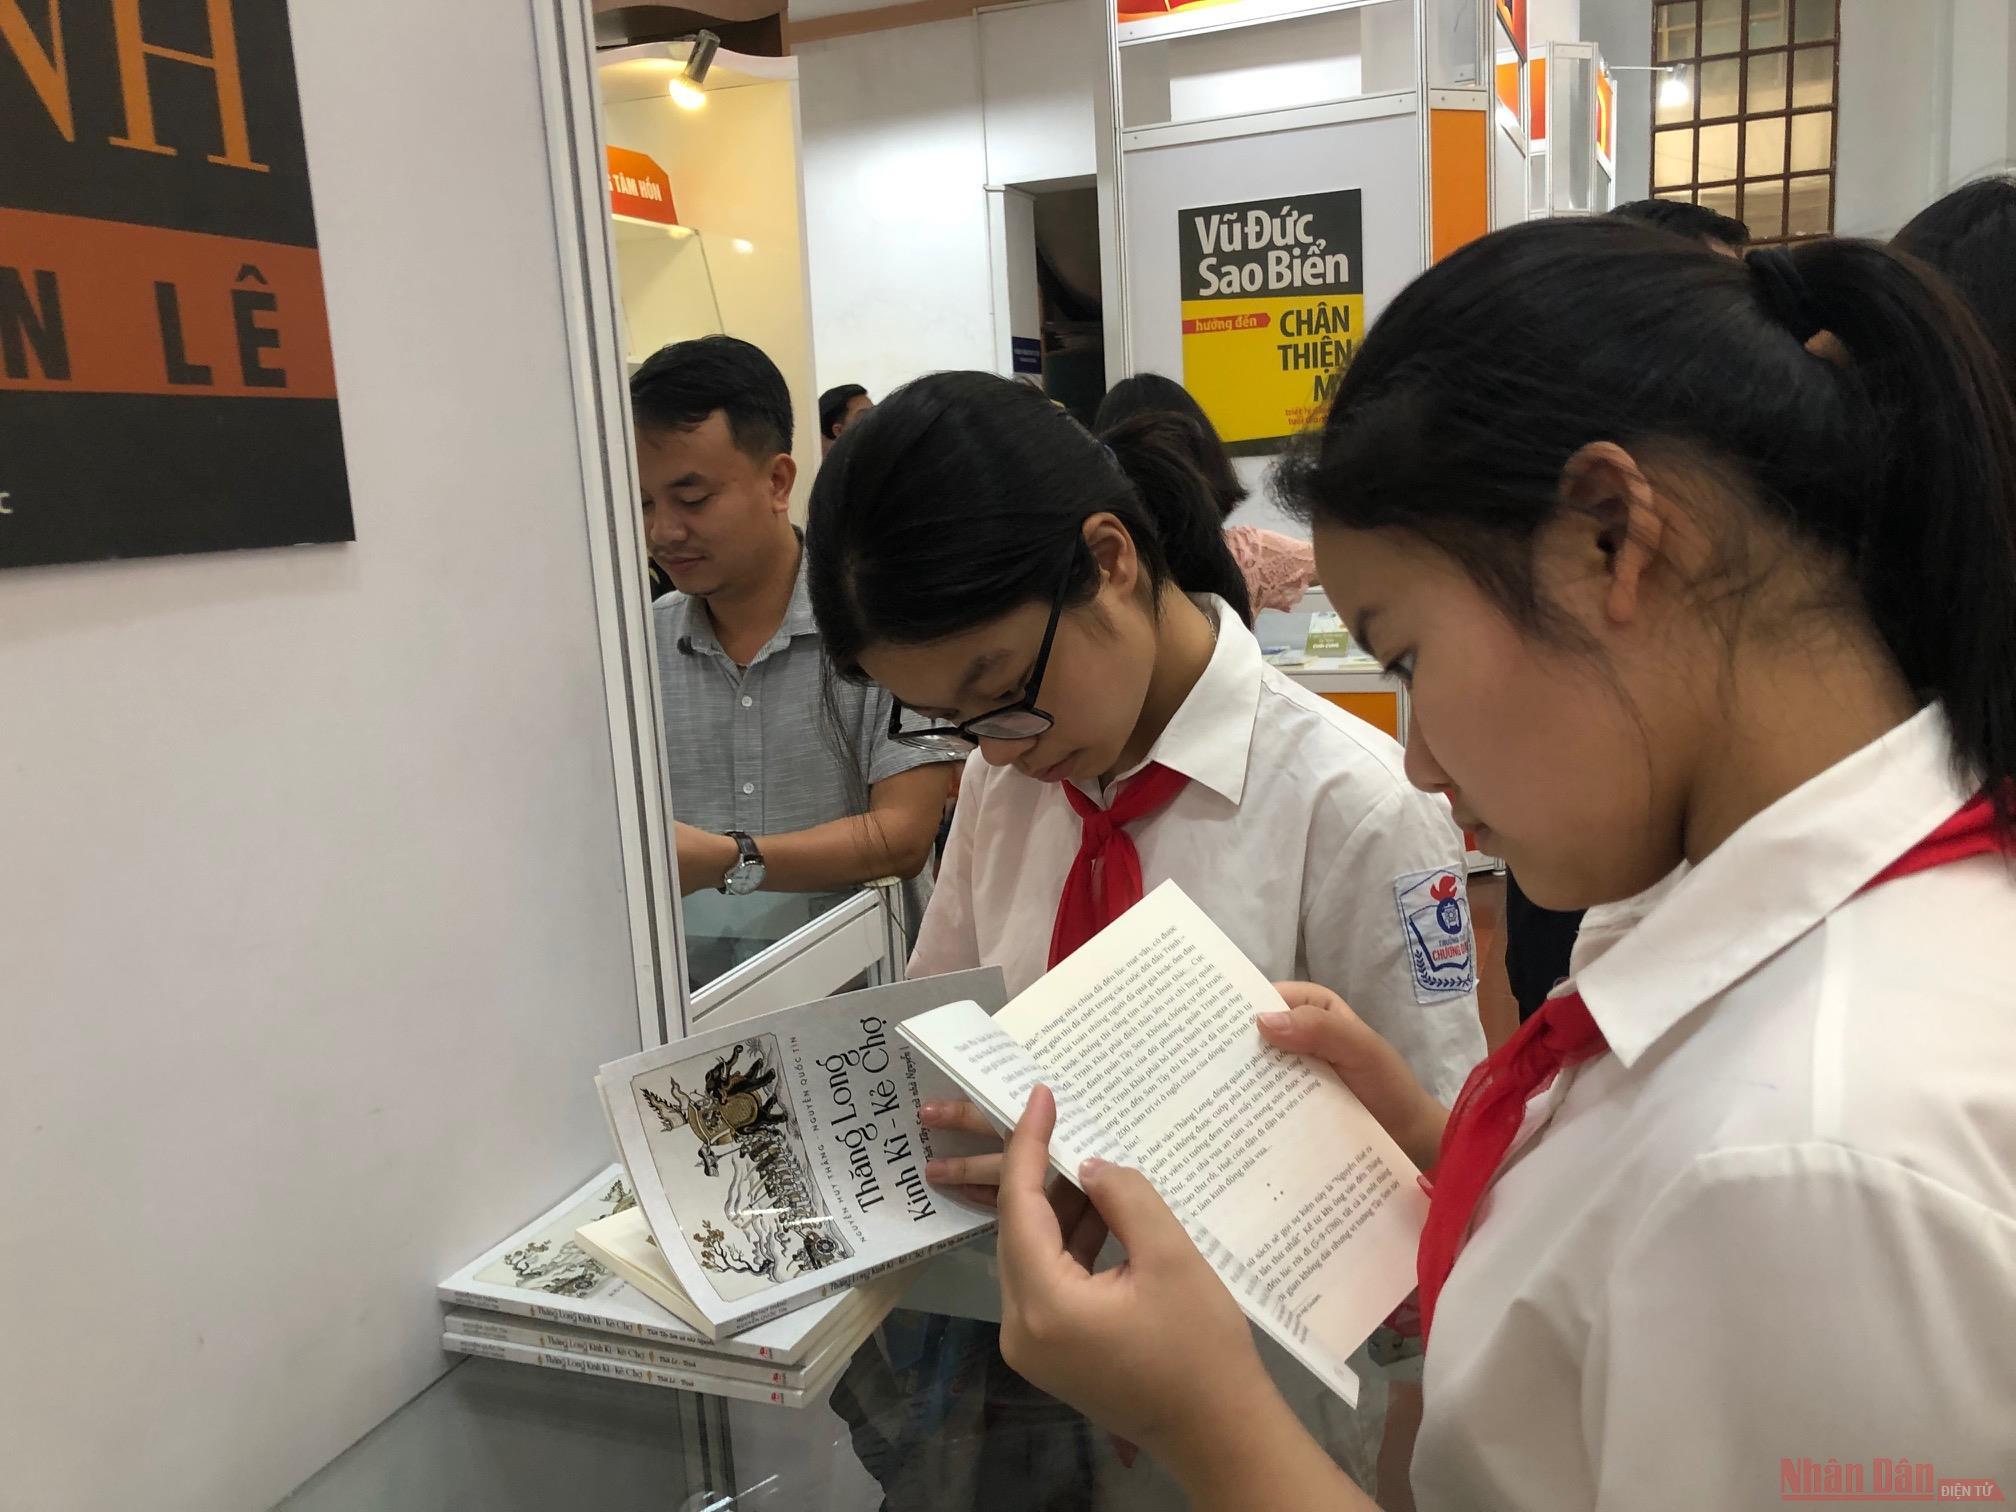 Thúc đẩy phát triển văn hóa đọc trong cộng đồng giai đoạn 2021-2025